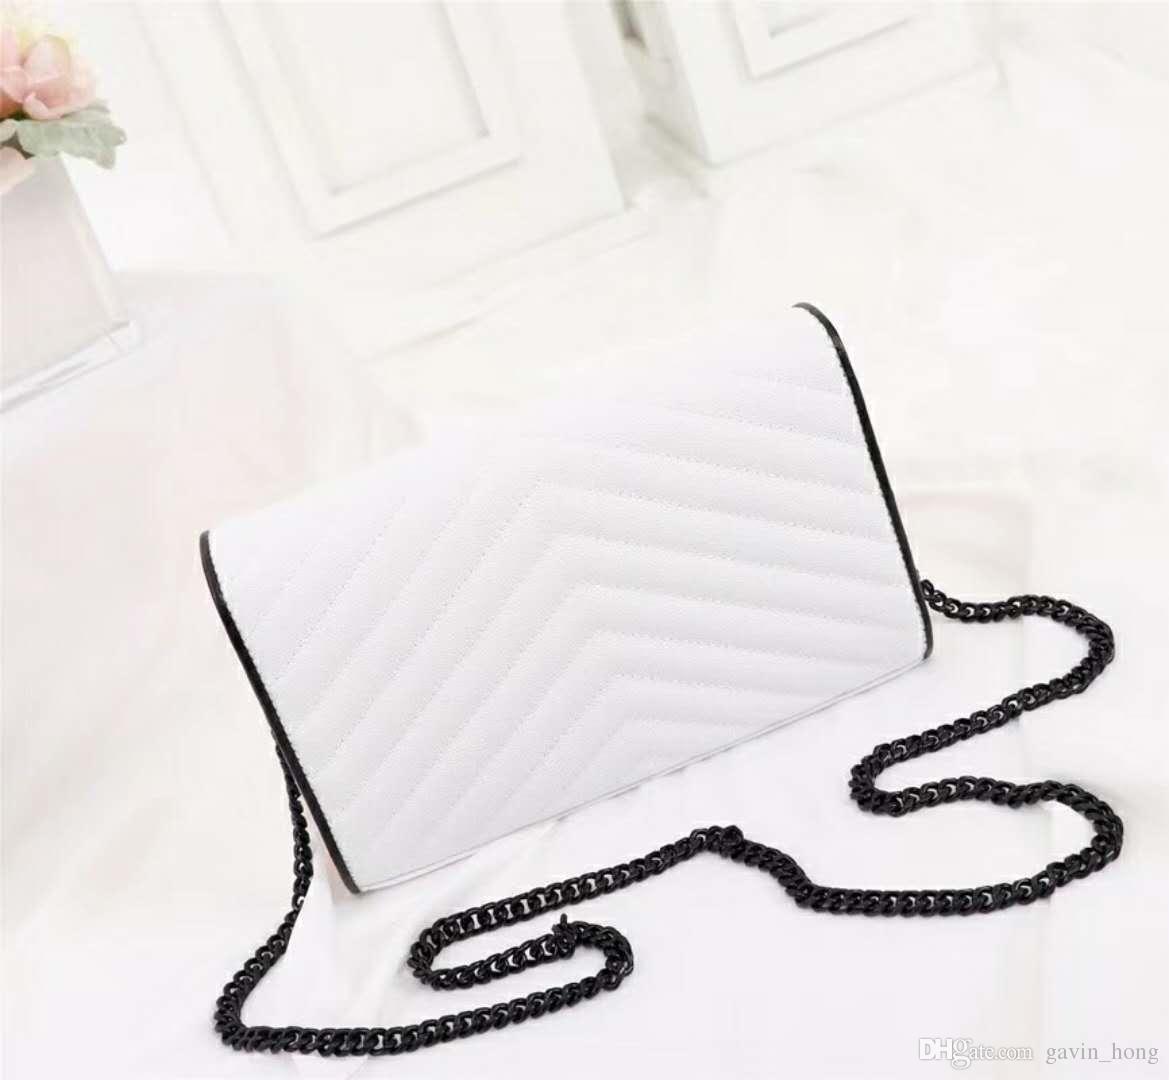 Бесплатная Доставка! Горячие продать новый стиль классические модные сумки женщины сумка сумки на ремне сумки небольшие цепи сумки дизайнер сумки Сумки 26813